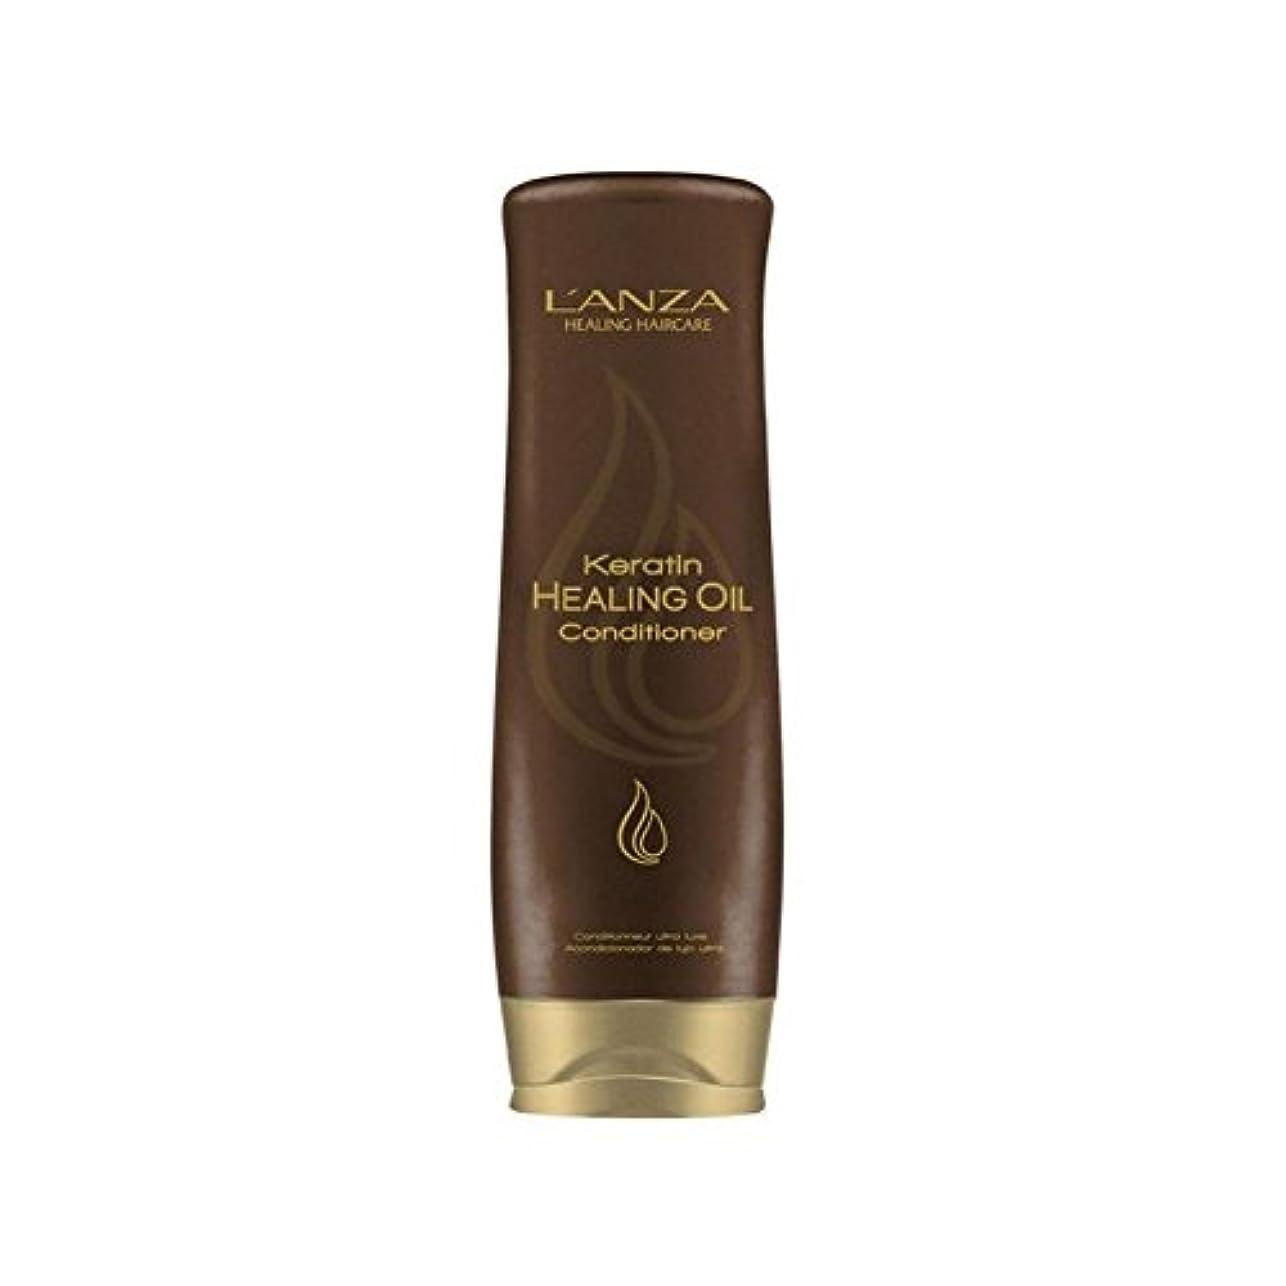 電球車両サンダースL'Anza Keratin Healing Oil Conditioner (250ml) (Pack of 6) - アンザケラチンオイルコンディショナー(250ミリリットル)を癒し x6 [並行輸入品]